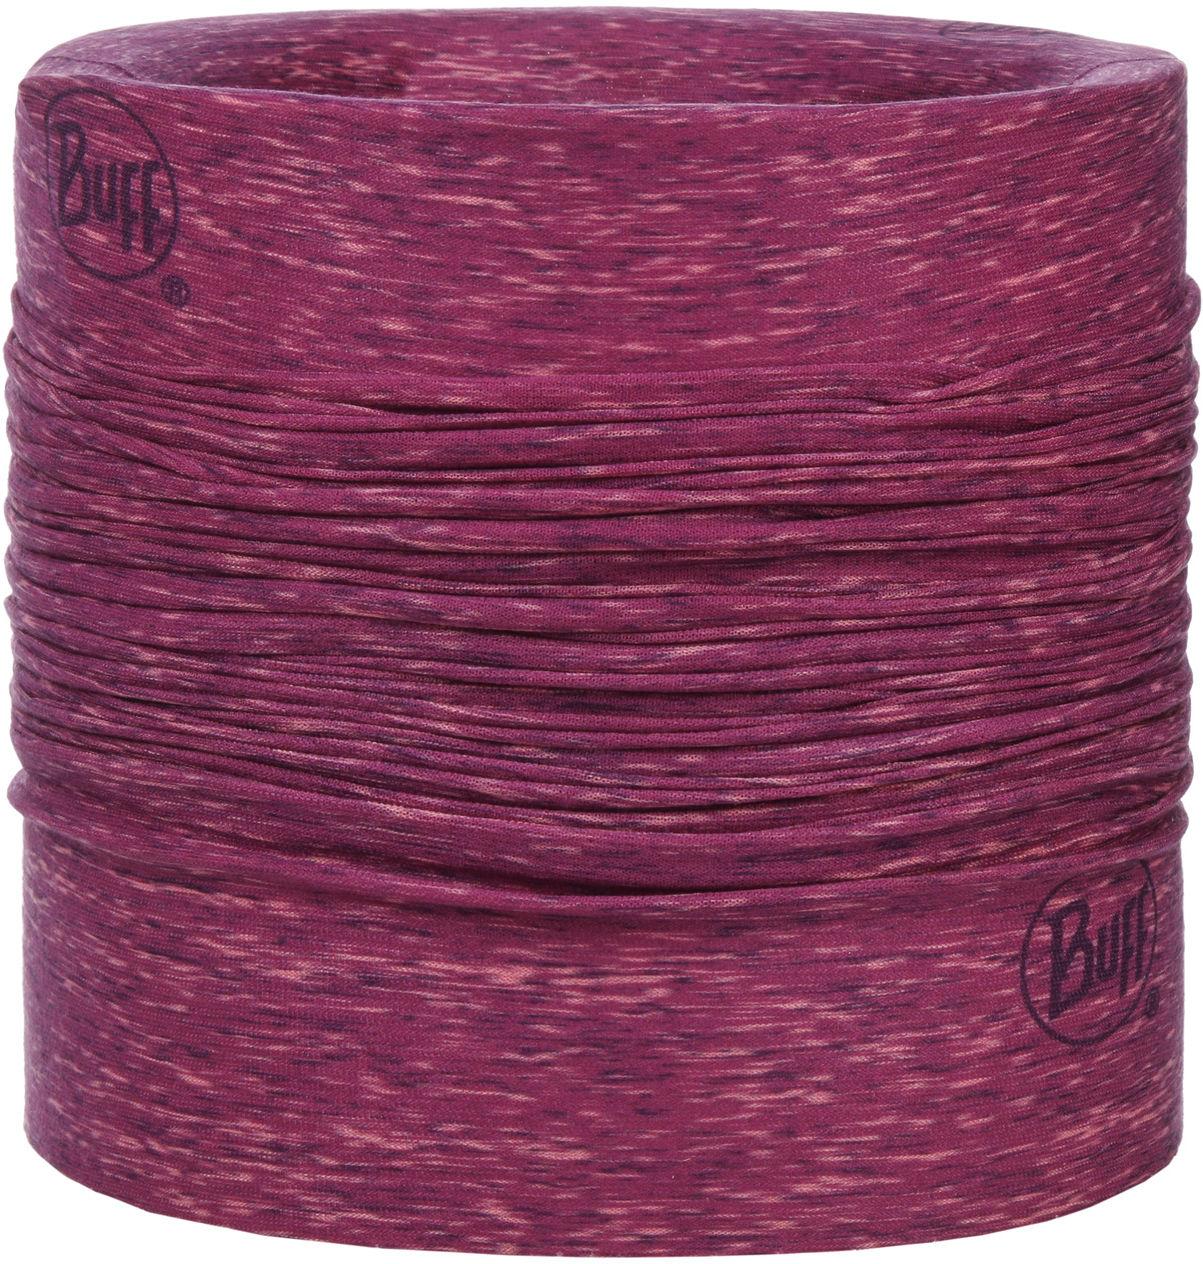 Chustka Wielozadaniowa Coolnet UV+ Raspberry by BUFF, fioletowy, One Size